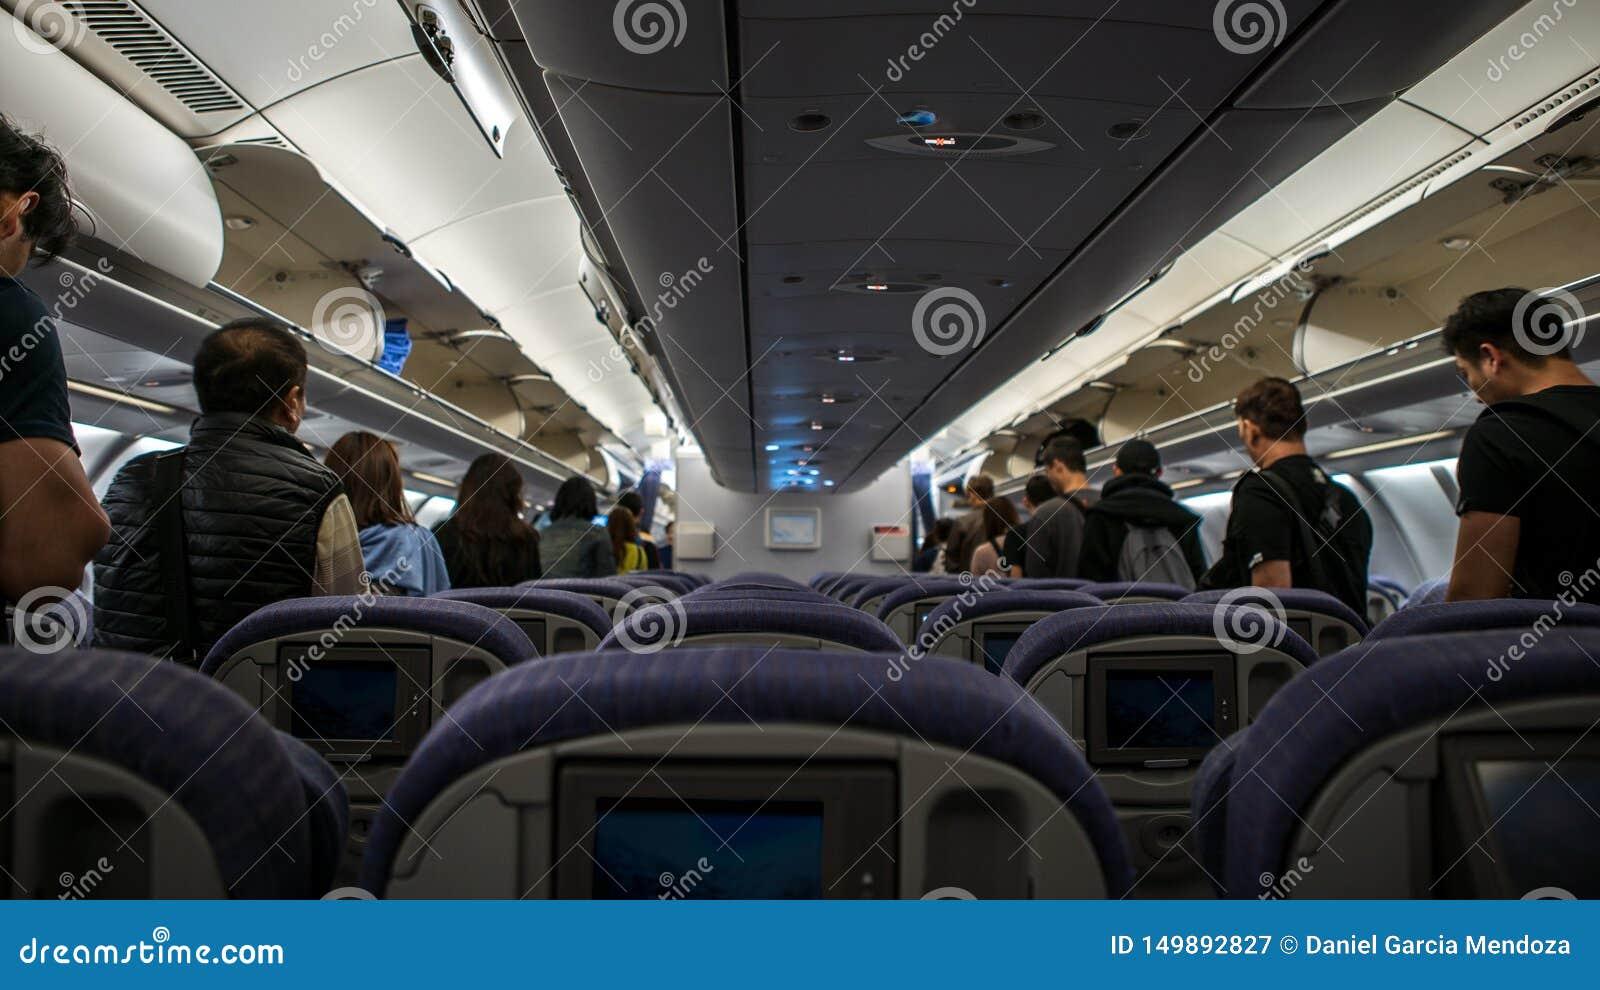 Το εσωτερικό αεροπλάνο, επιβάτες στο διάδρομο περπατά για να πάρει από το αεροπλάνο